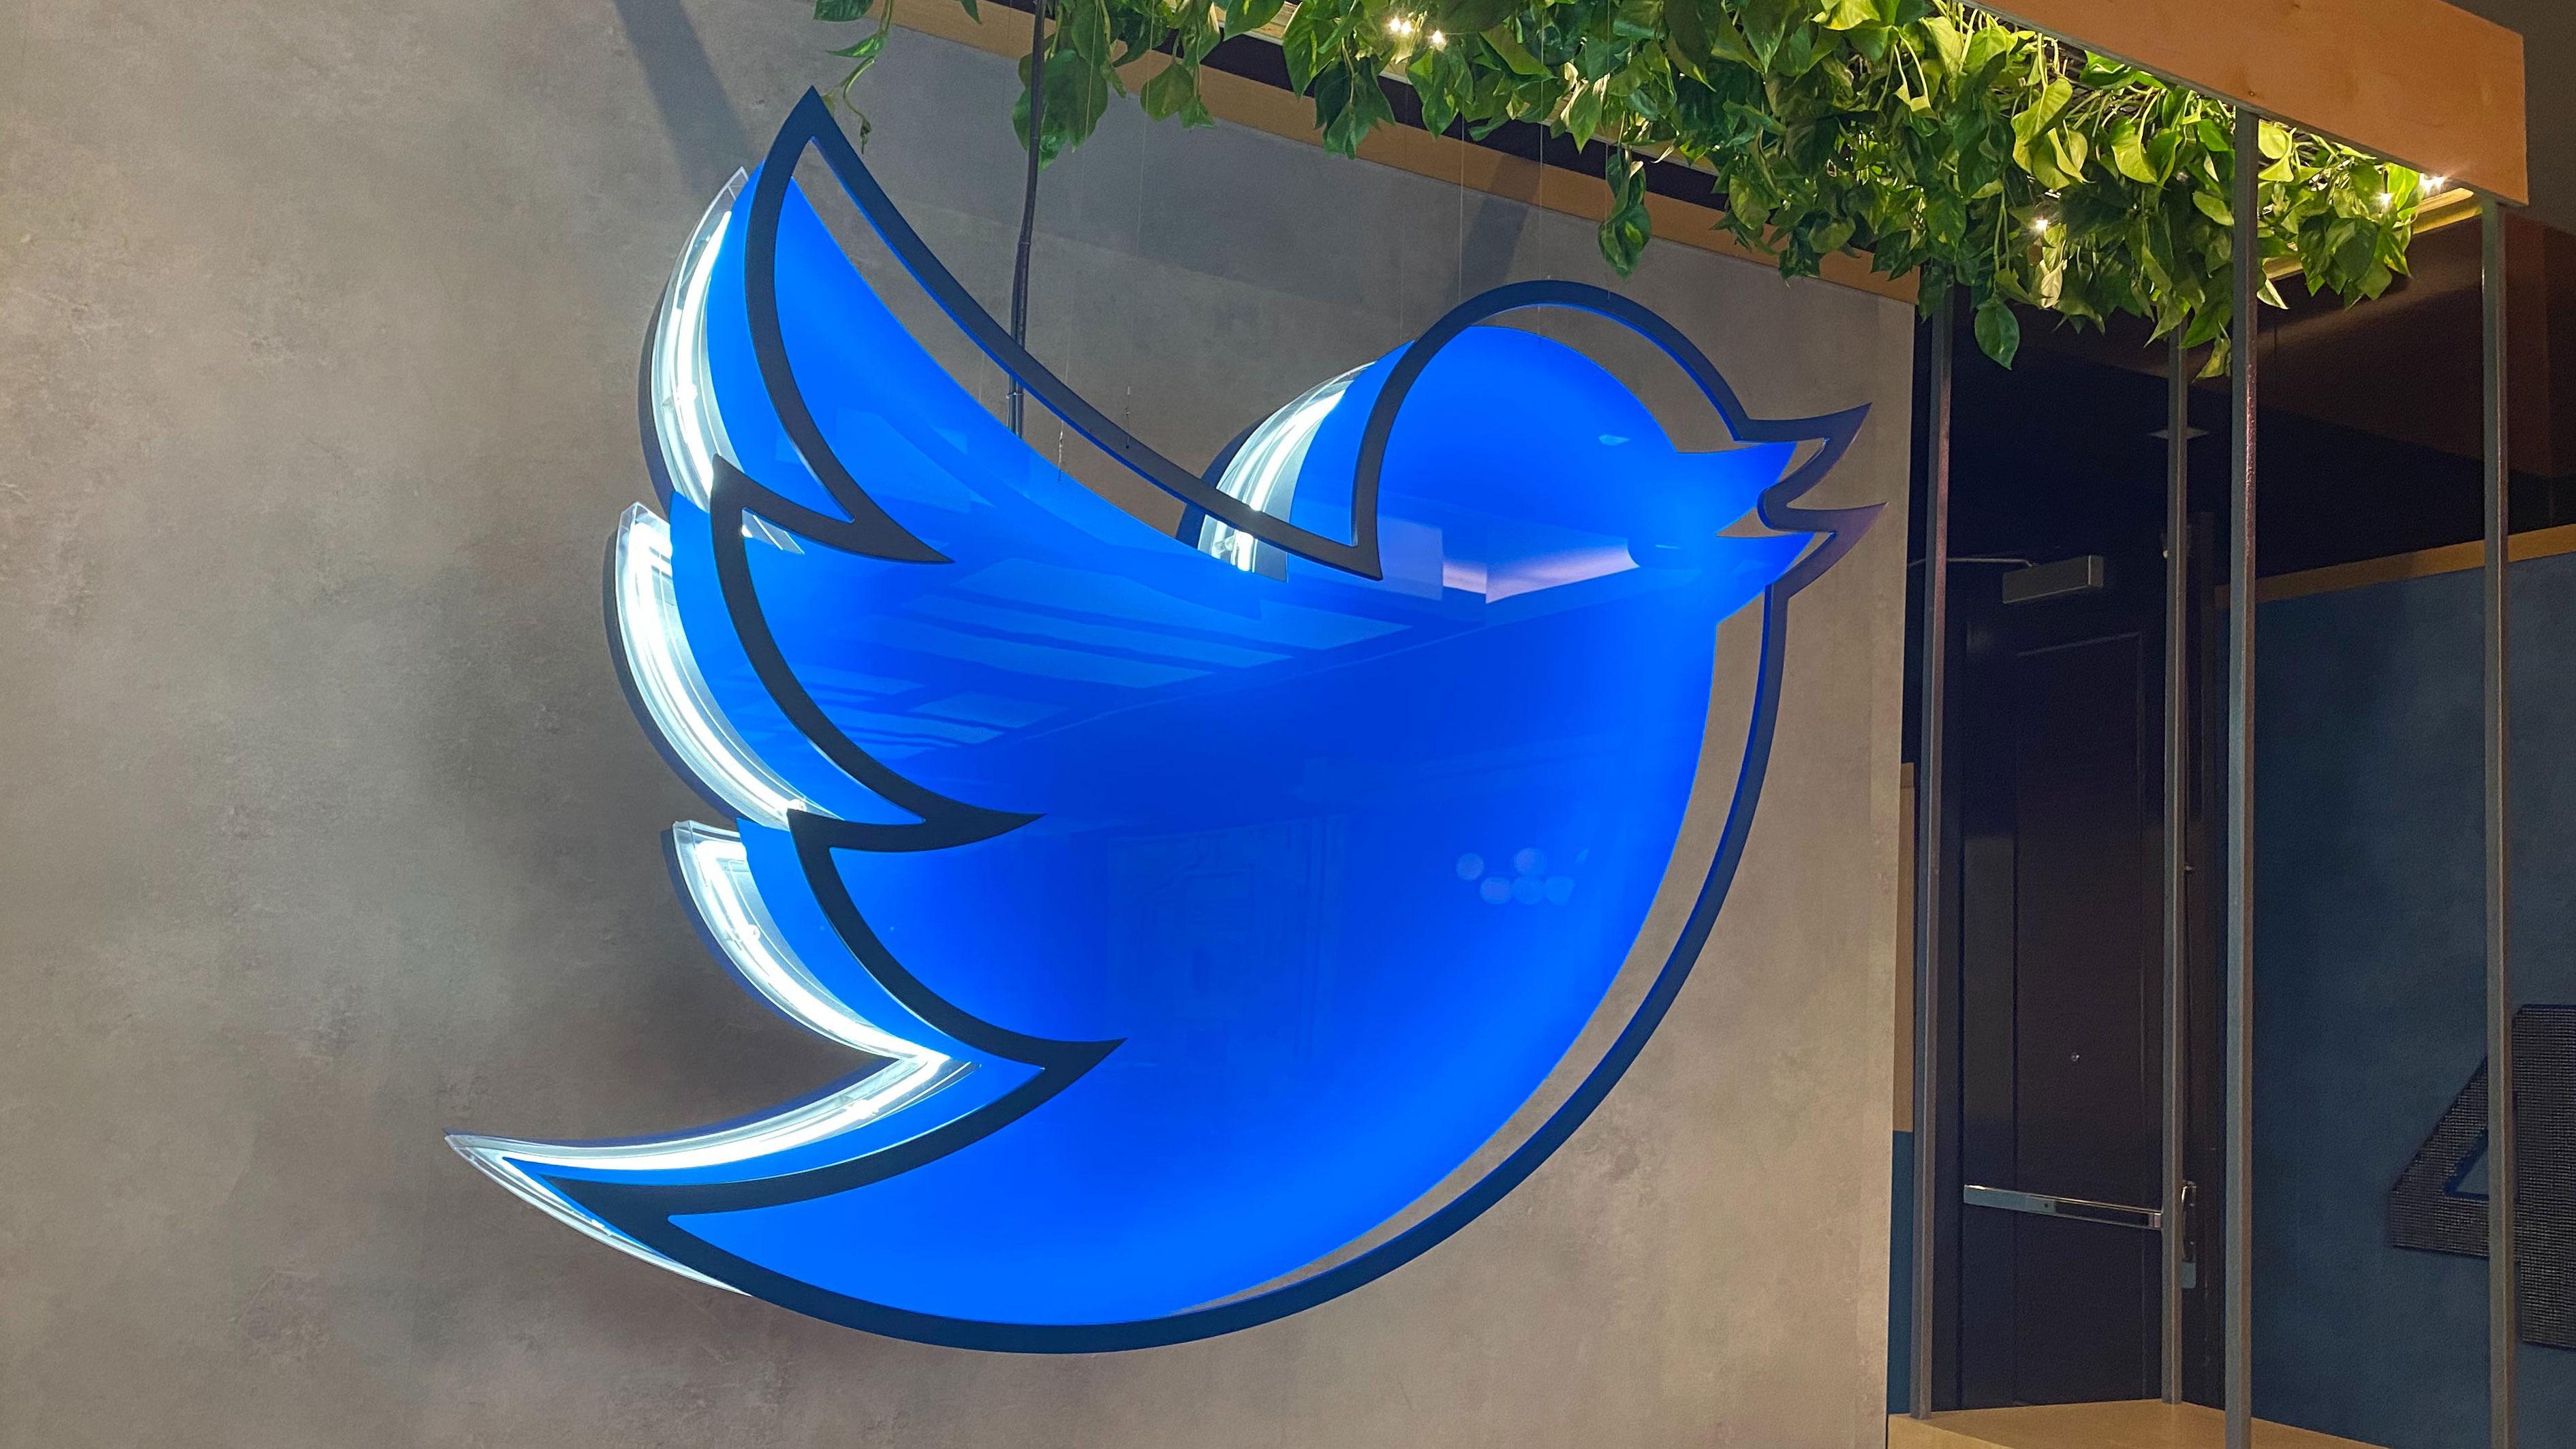 حذف خودکار توییتها و اکانتهای متخلف در توییتر